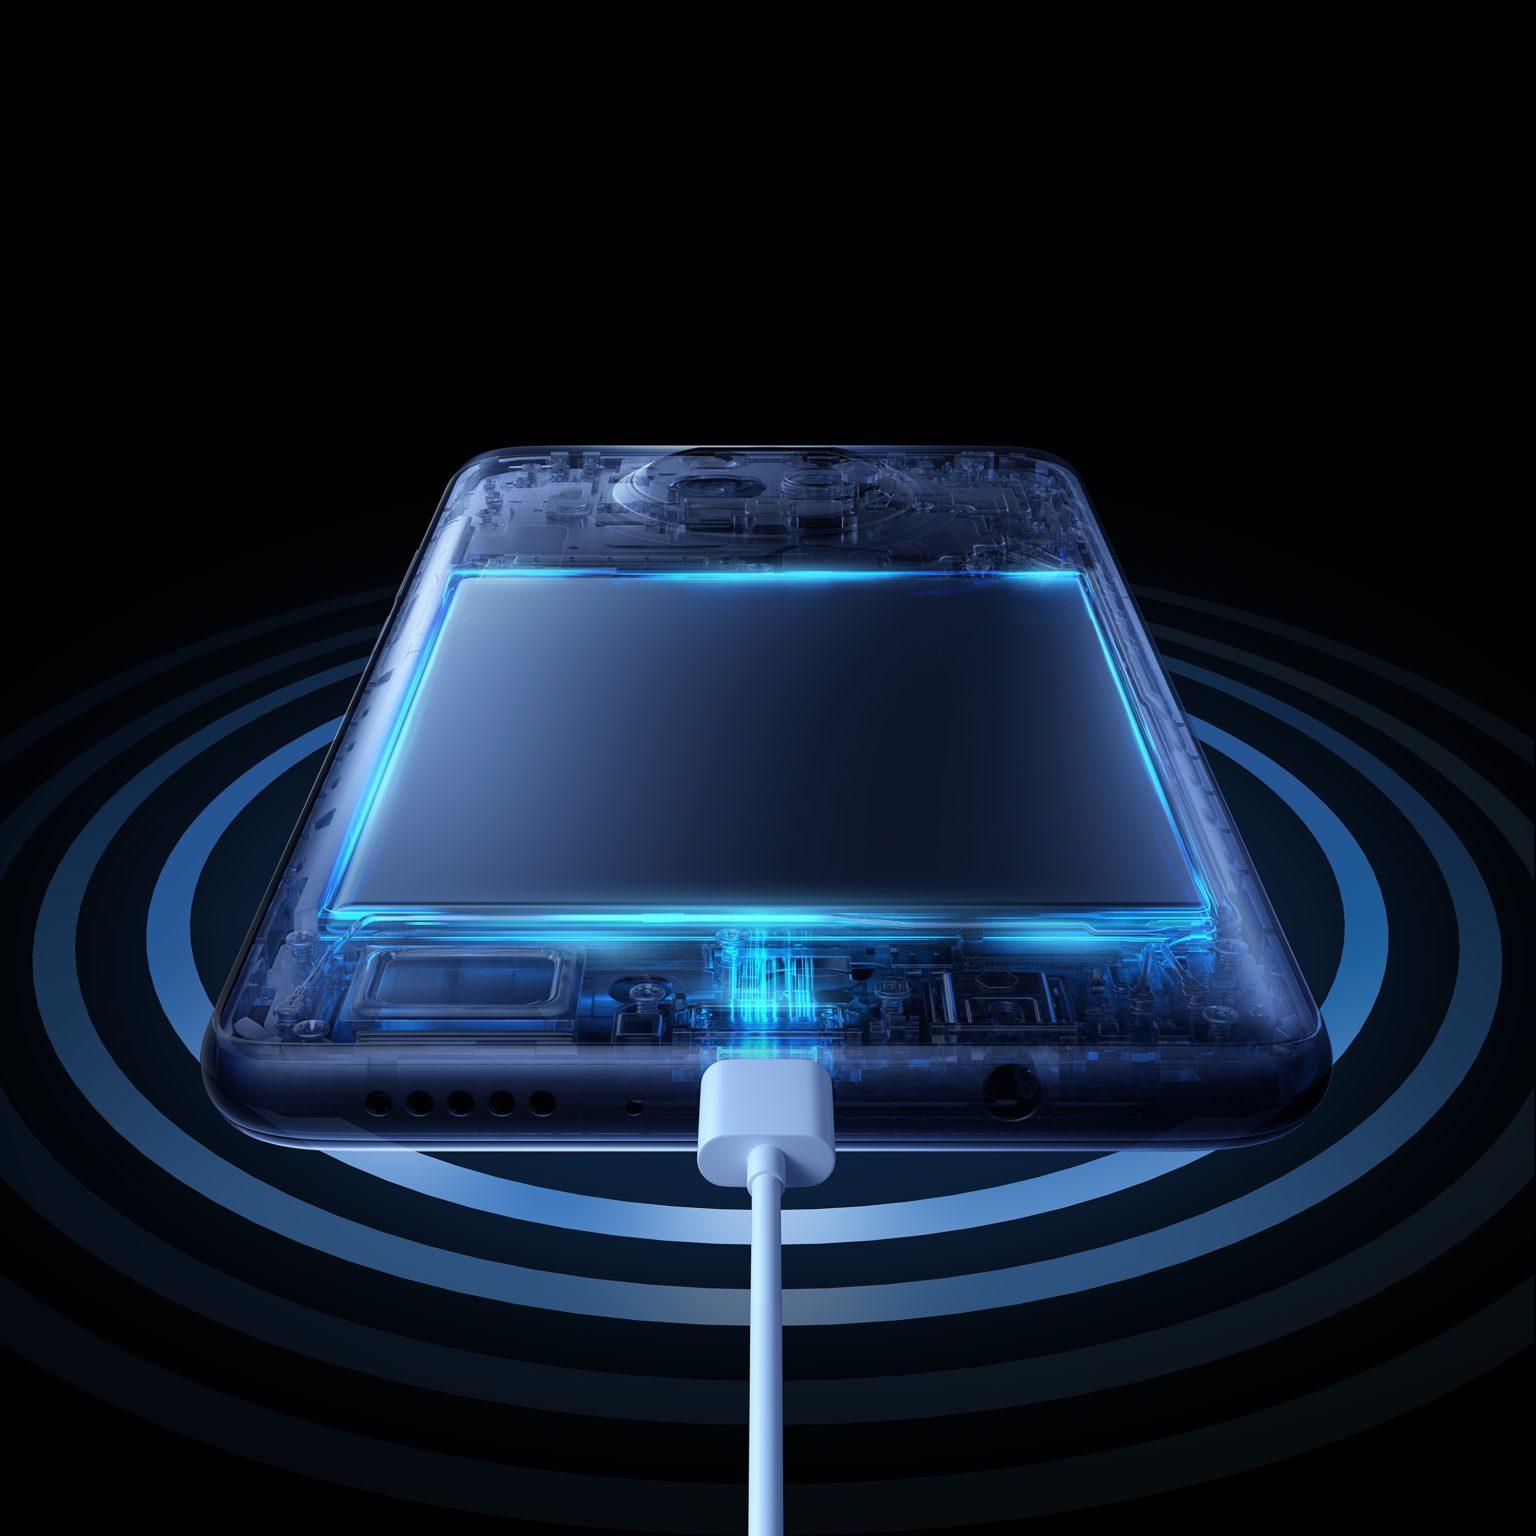 Imagen de la carga de la batería del Xiaomi Mi 10T Lite